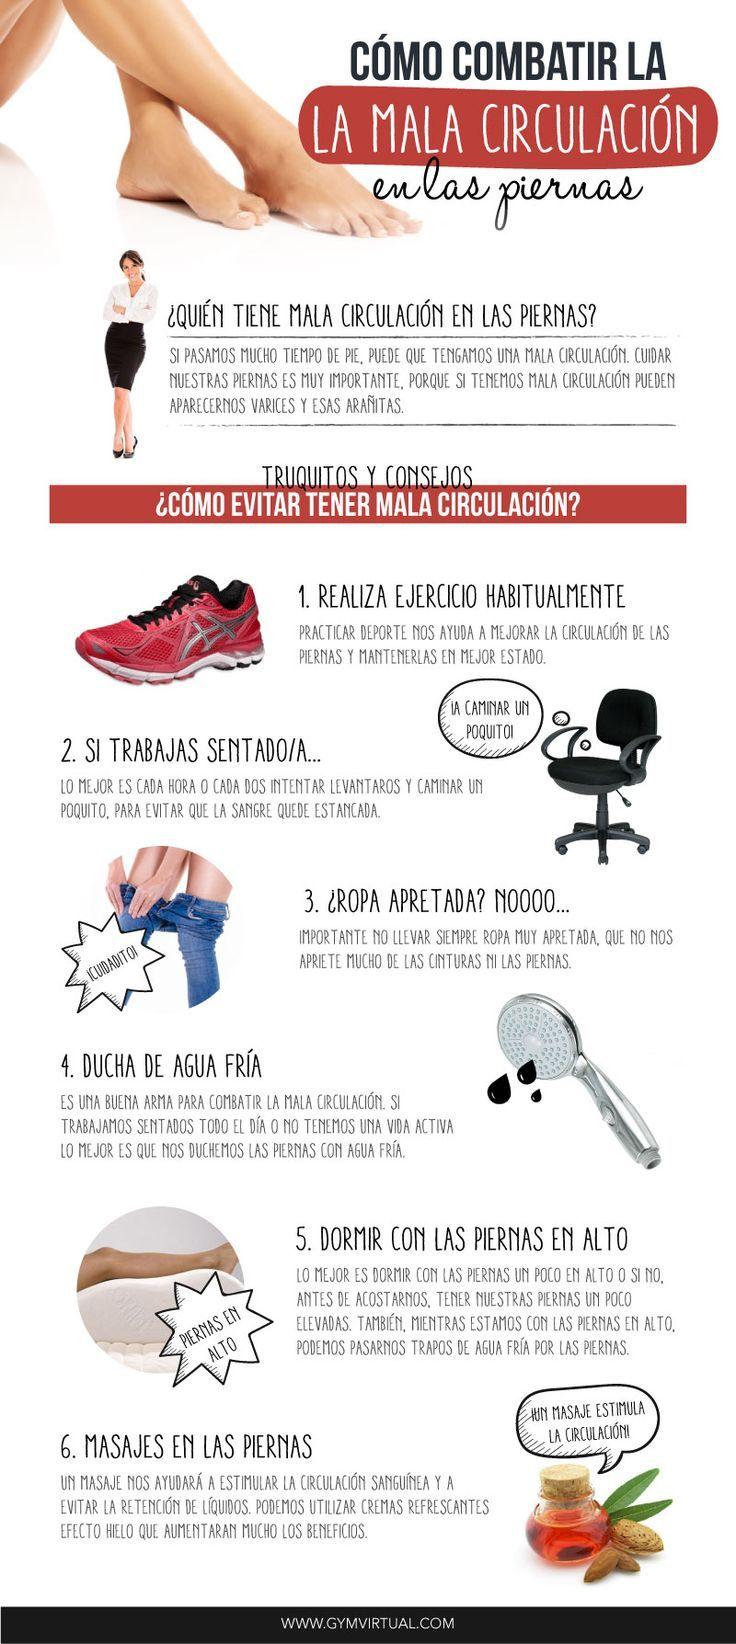 Cómo aliviar los problemas de circulación en las piernas. #infografias #salud #remedios